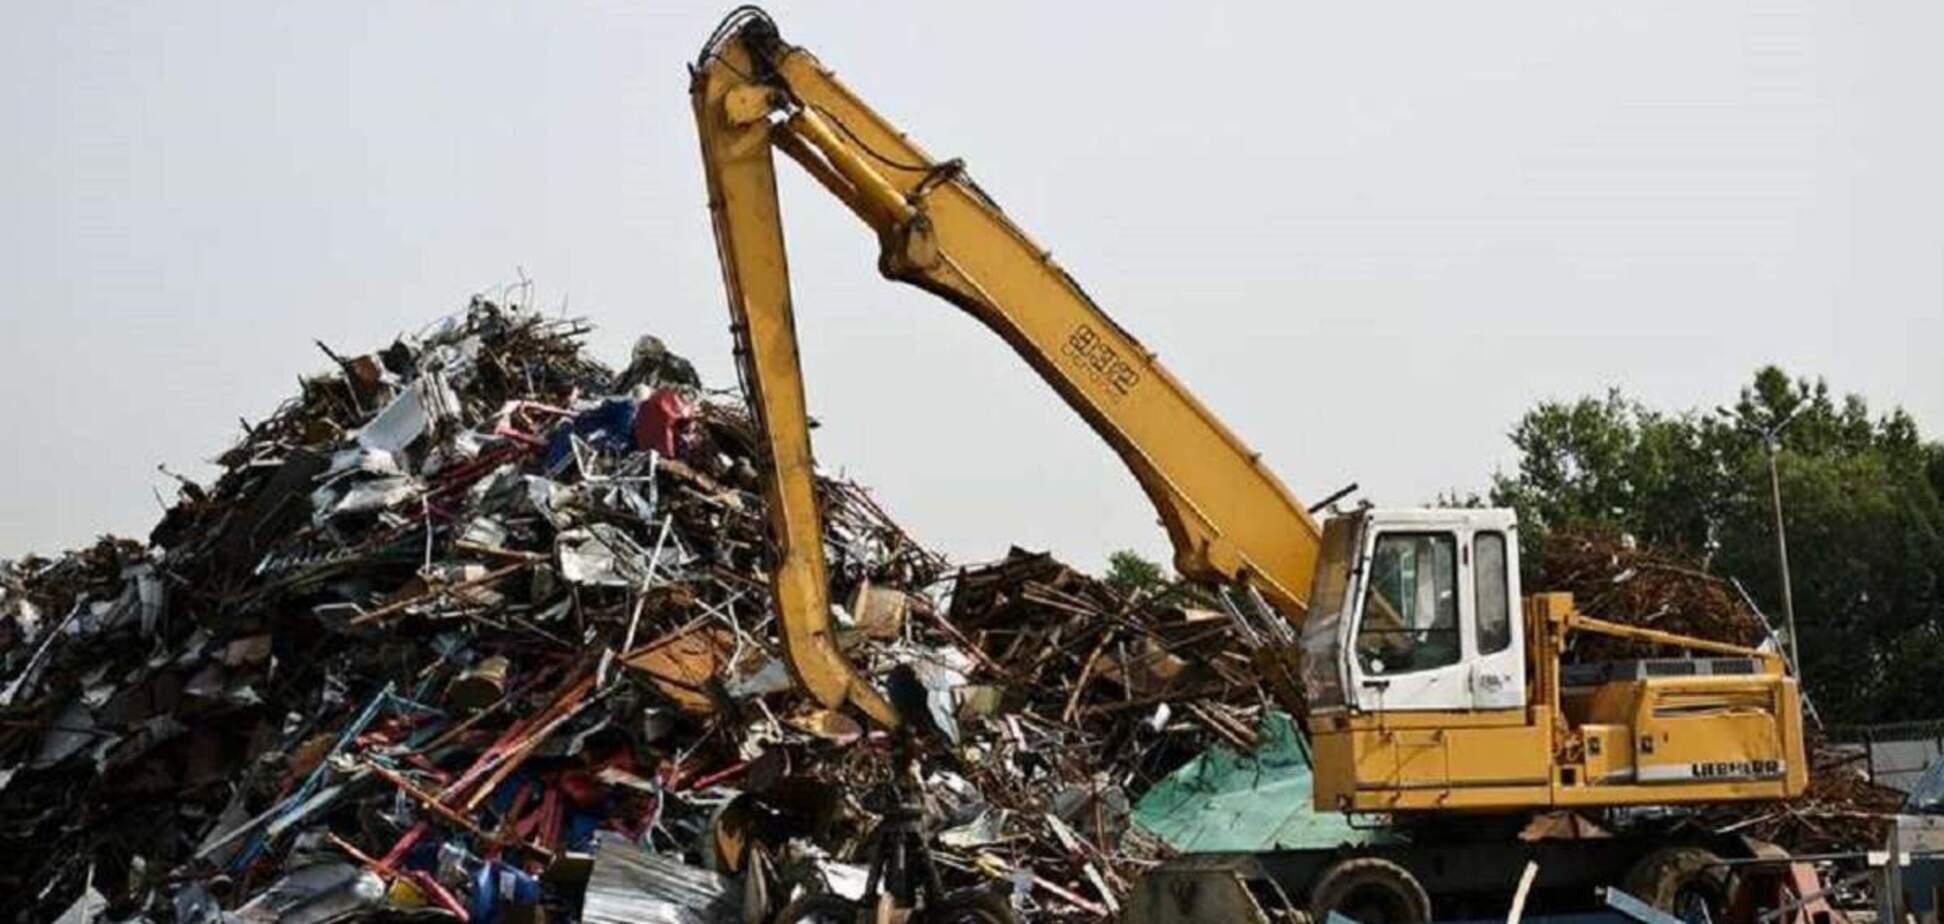 Экспорт металлолома из Украины взлетел в десятки раз: почему это важно для всех